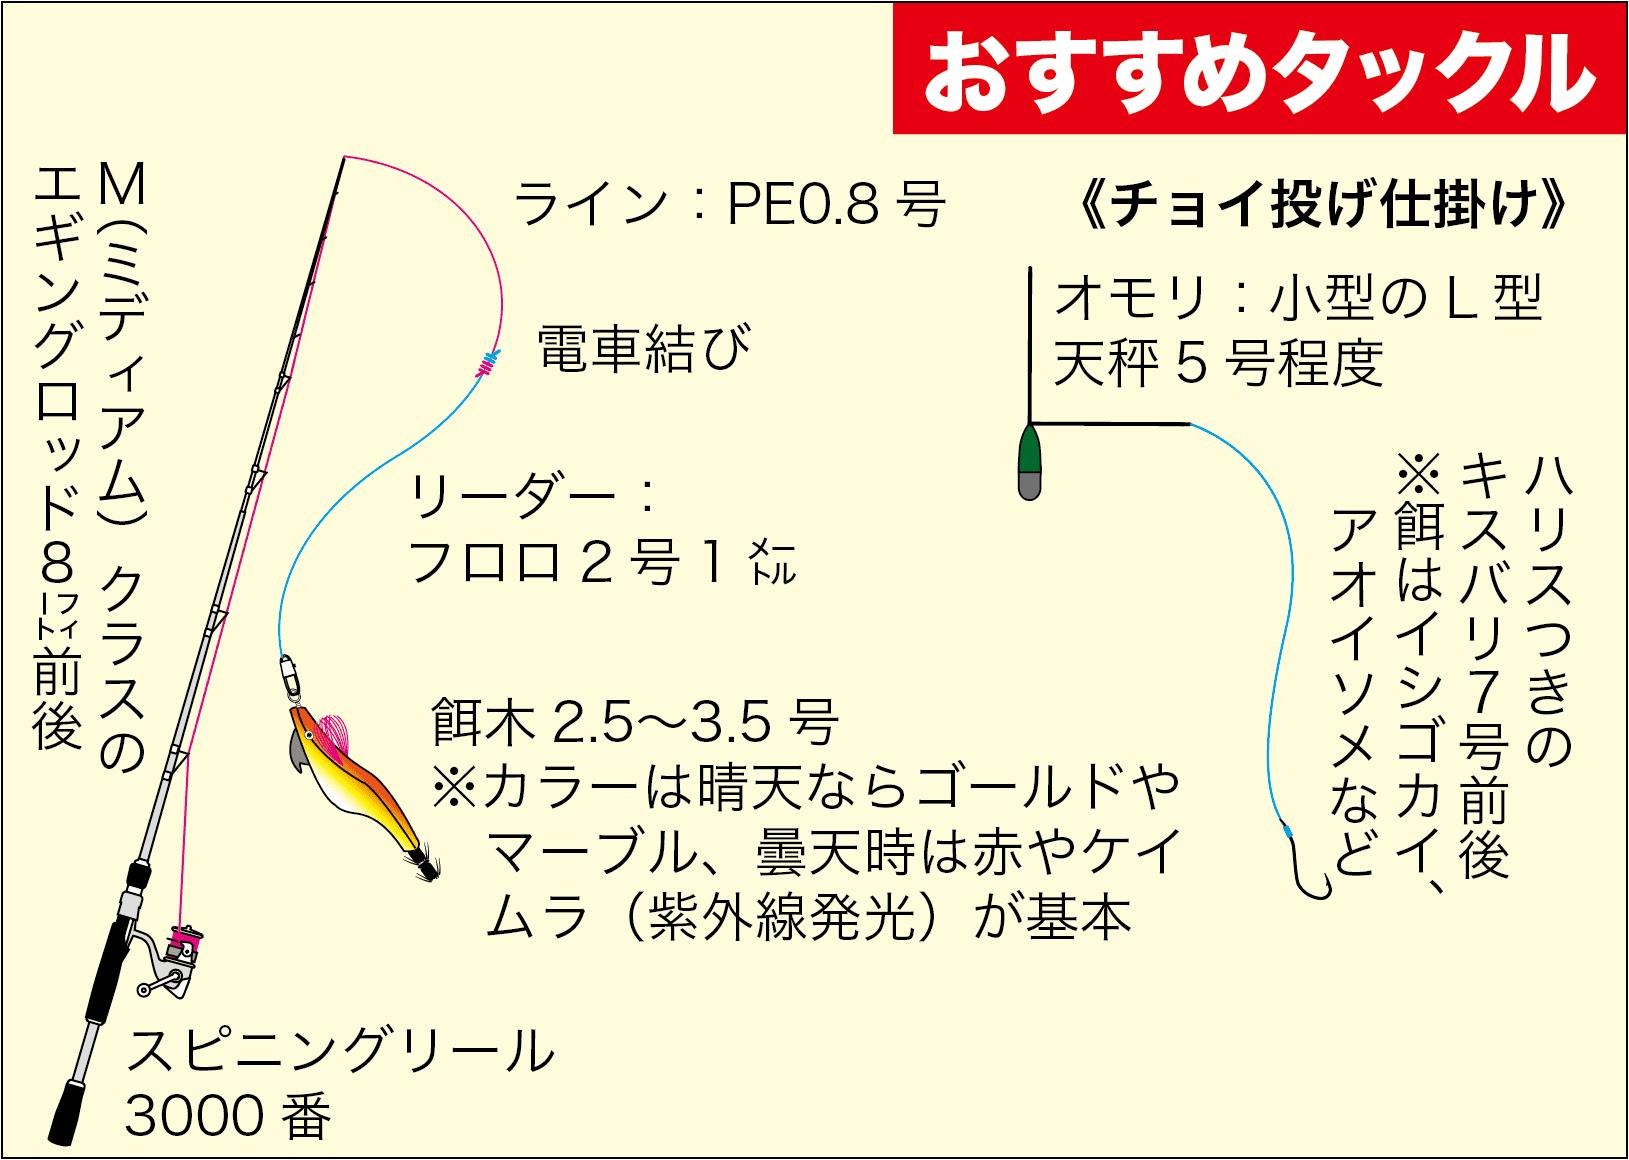 エギング+α神子漁港2